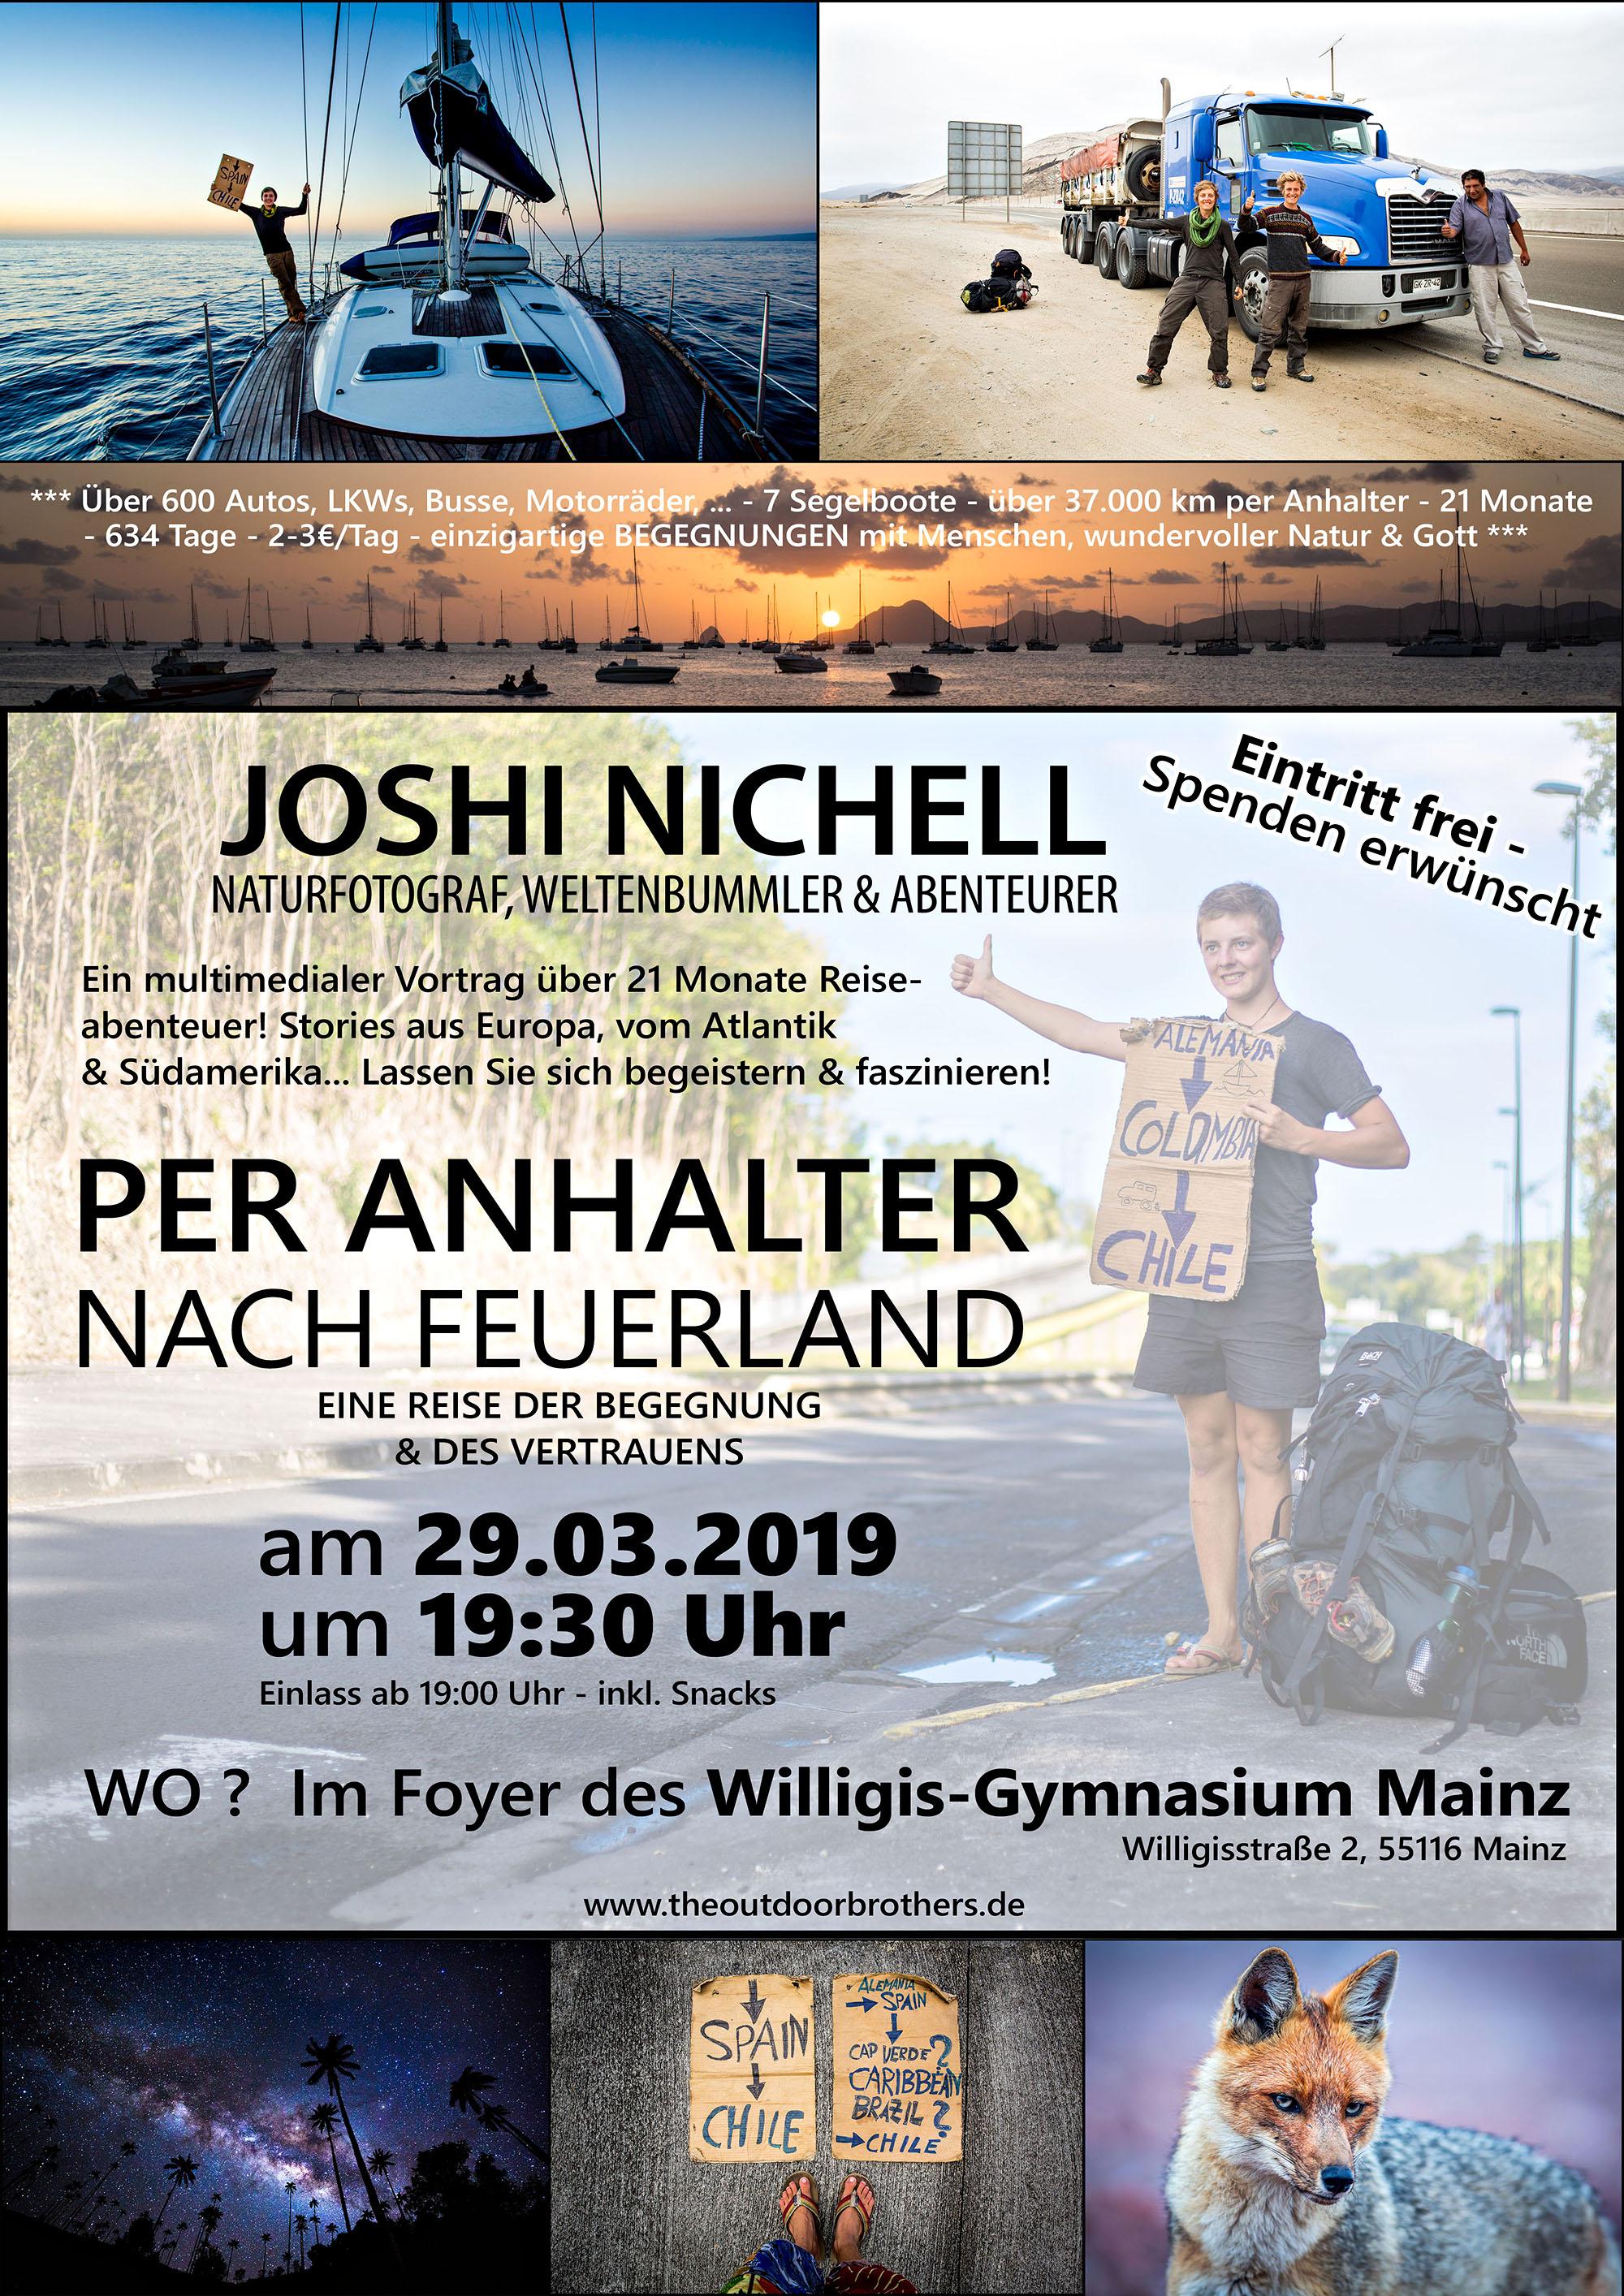 mulotimedialer Vortrag von Joshi Nichell